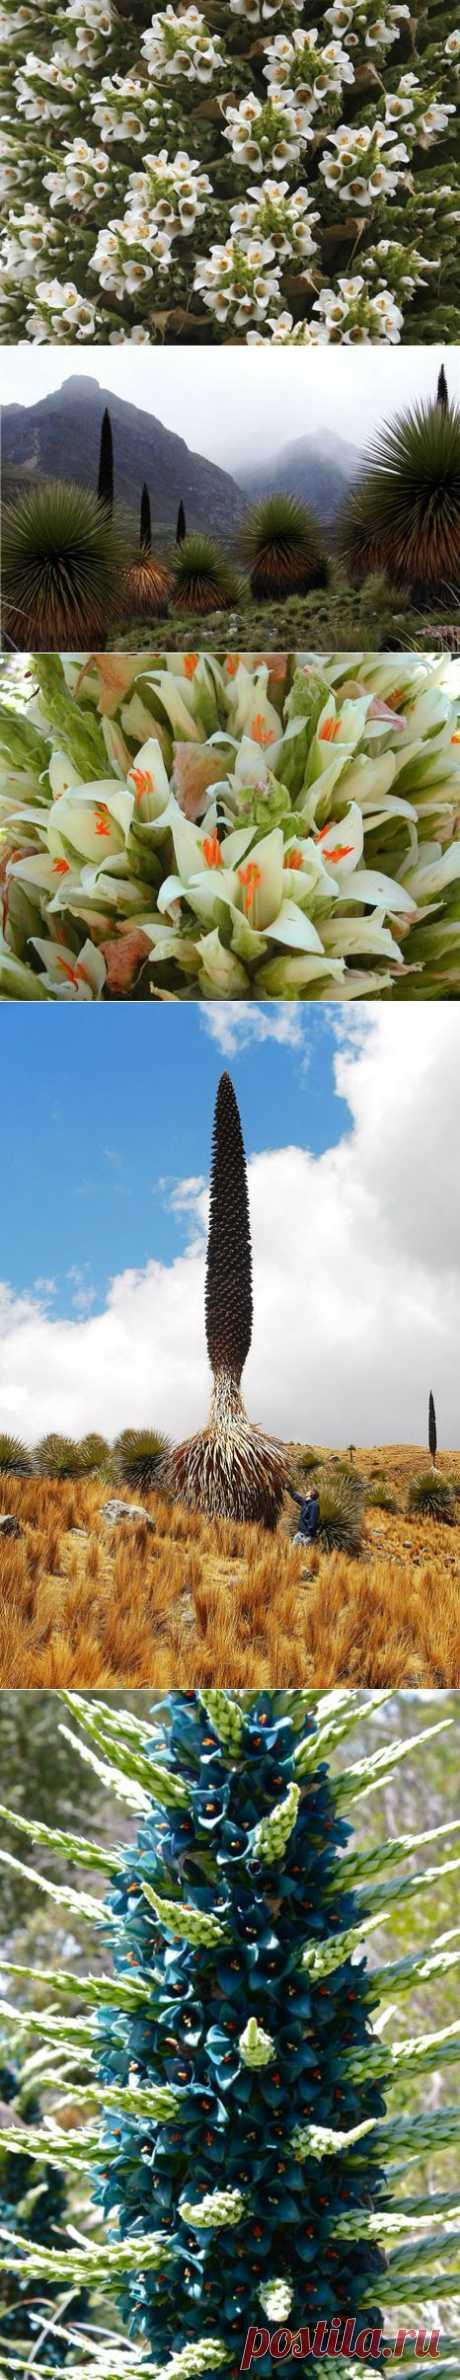 ПУЙЯ-редчайшее растение | Самоцветик